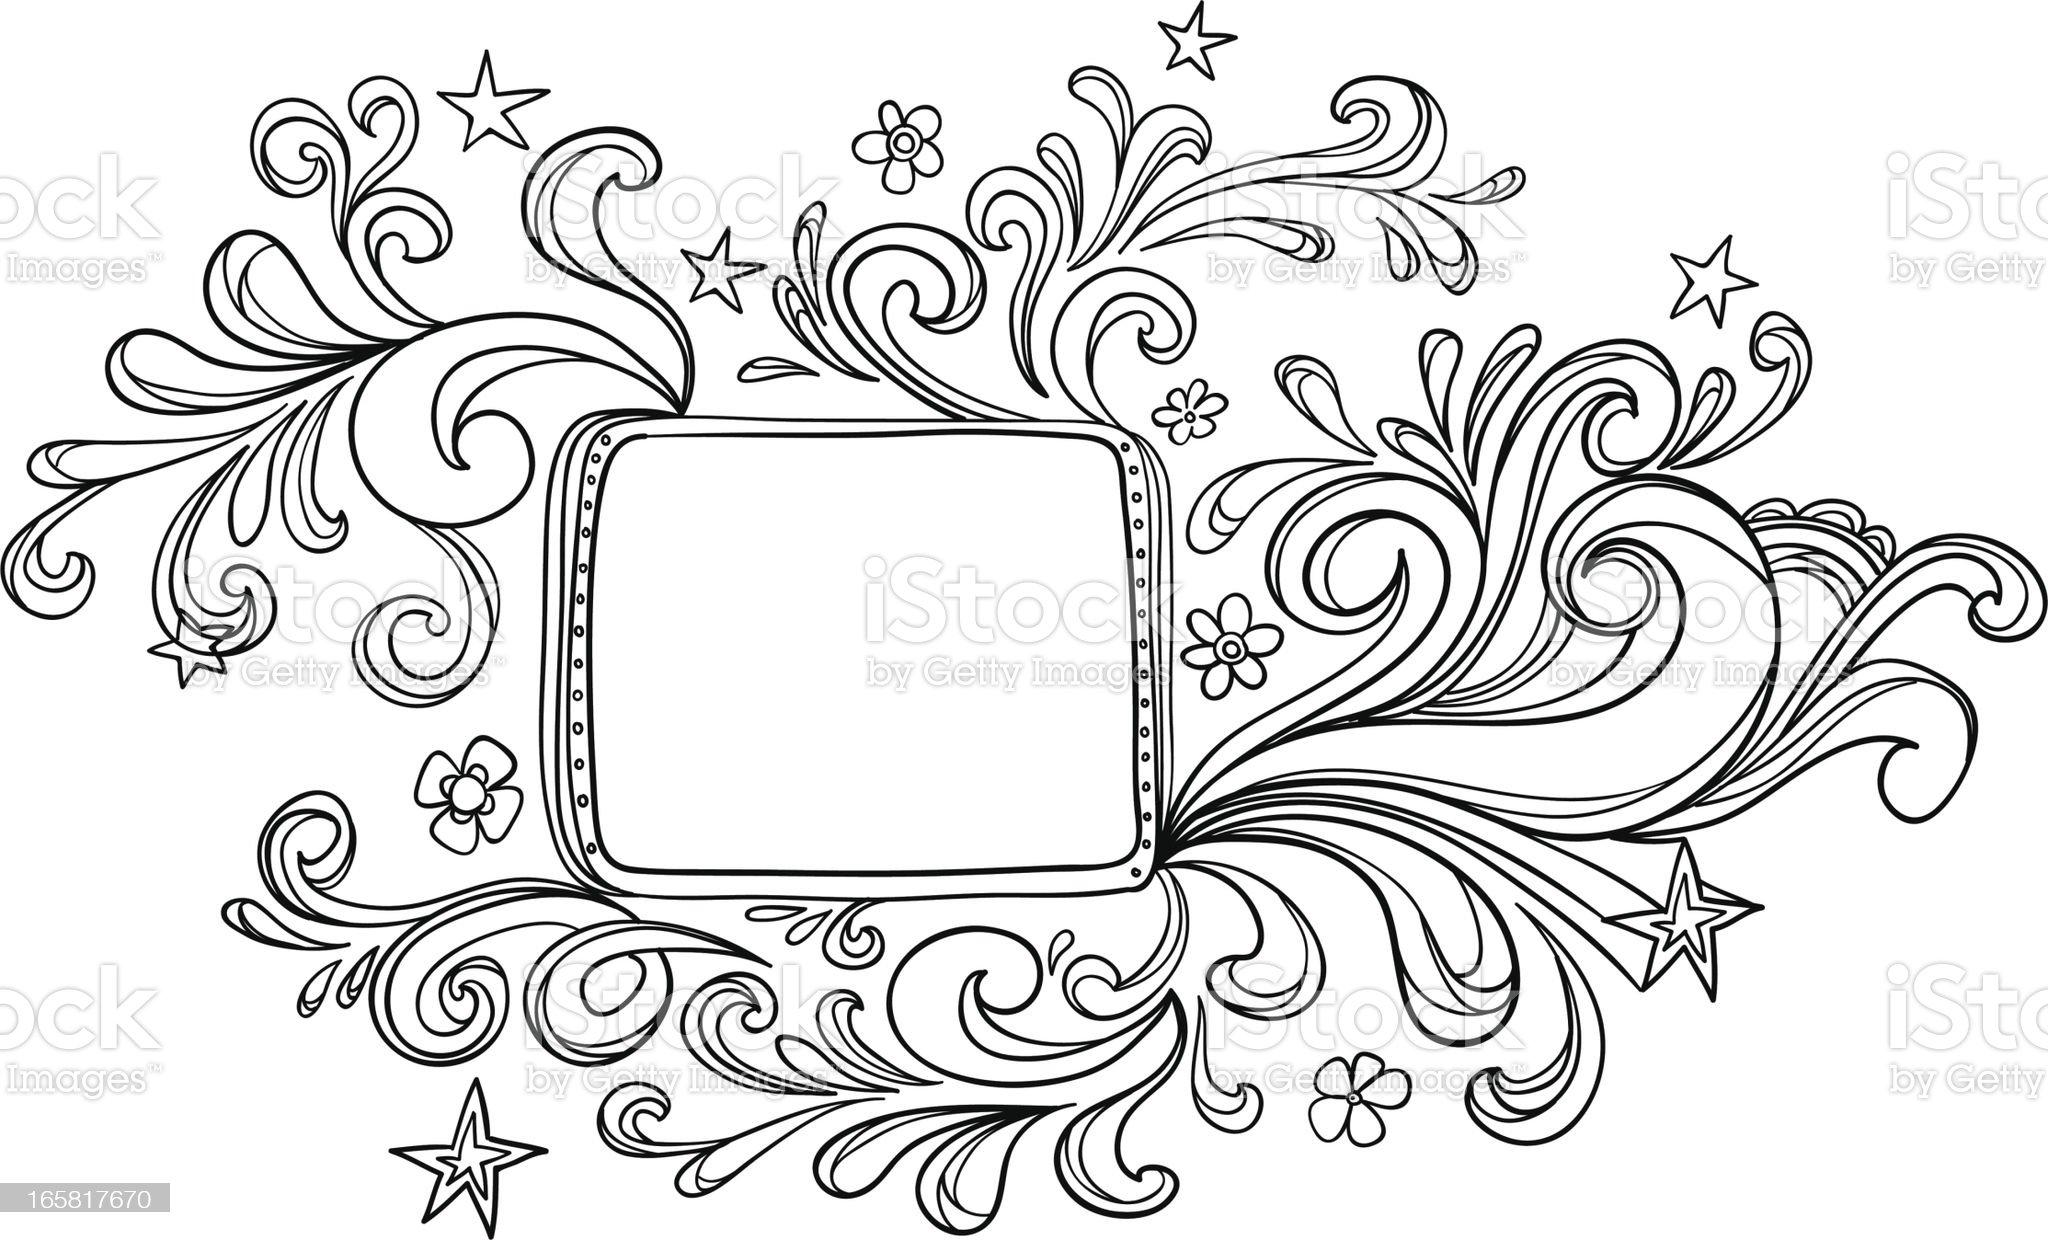 Elegant Ornate frame in black and white royalty-free stock vector art